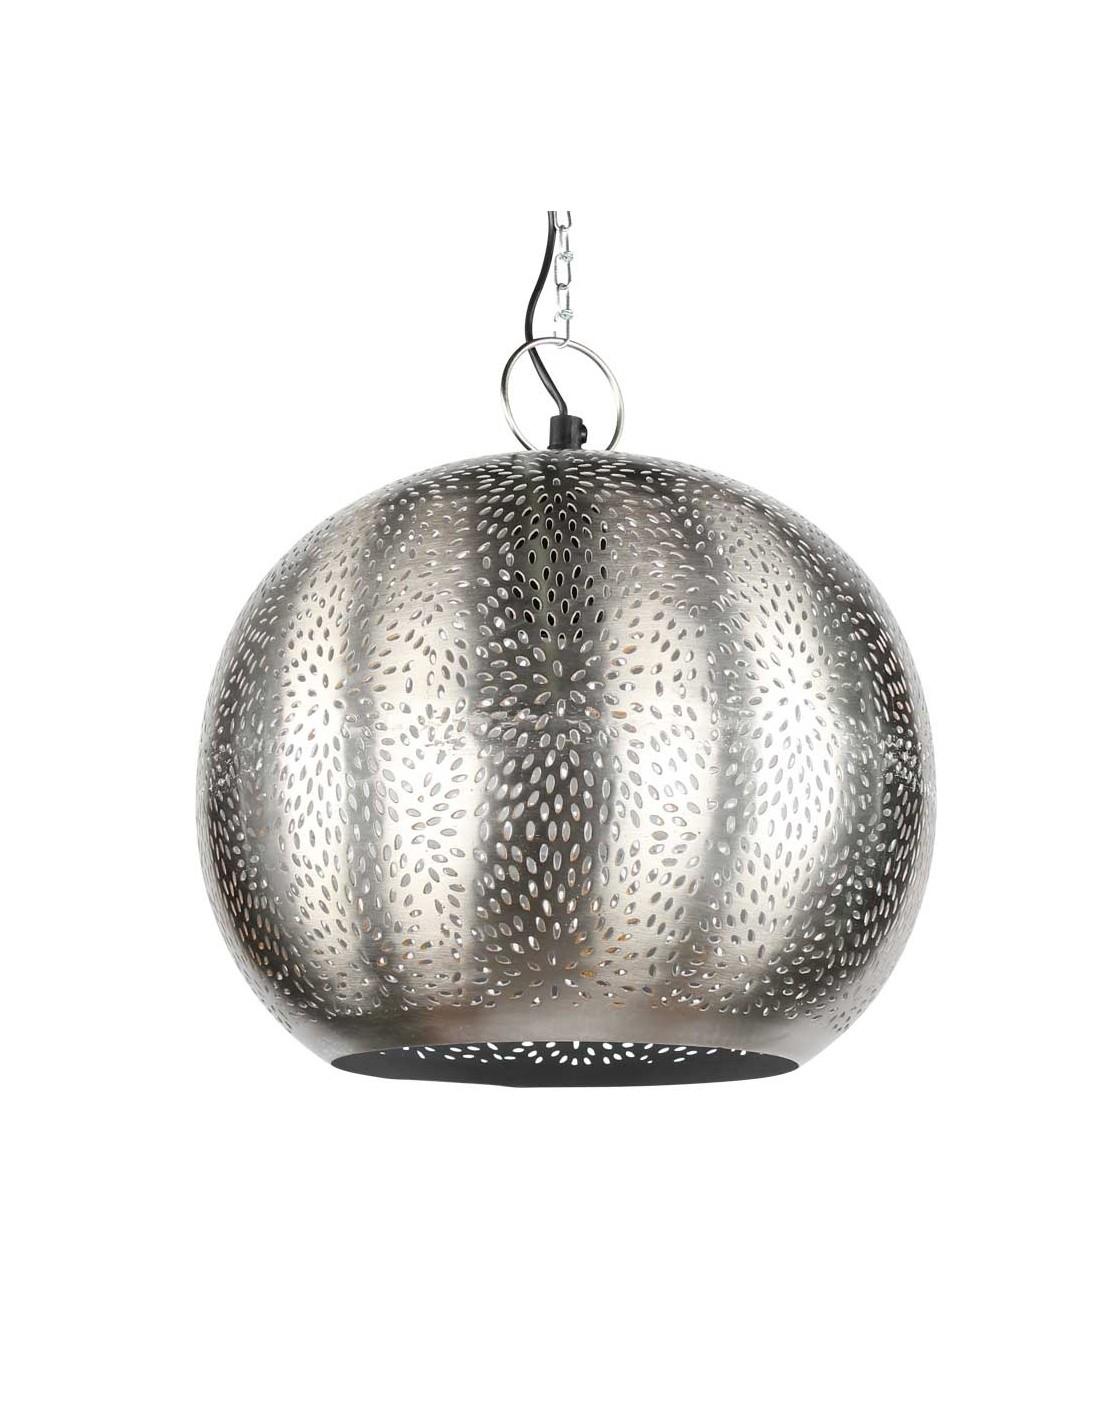 reduziert orientlampen ii wahl orientalische lampen 2 wahl albena shop. Black Bedroom Furniture Sets. Home Design Ideas